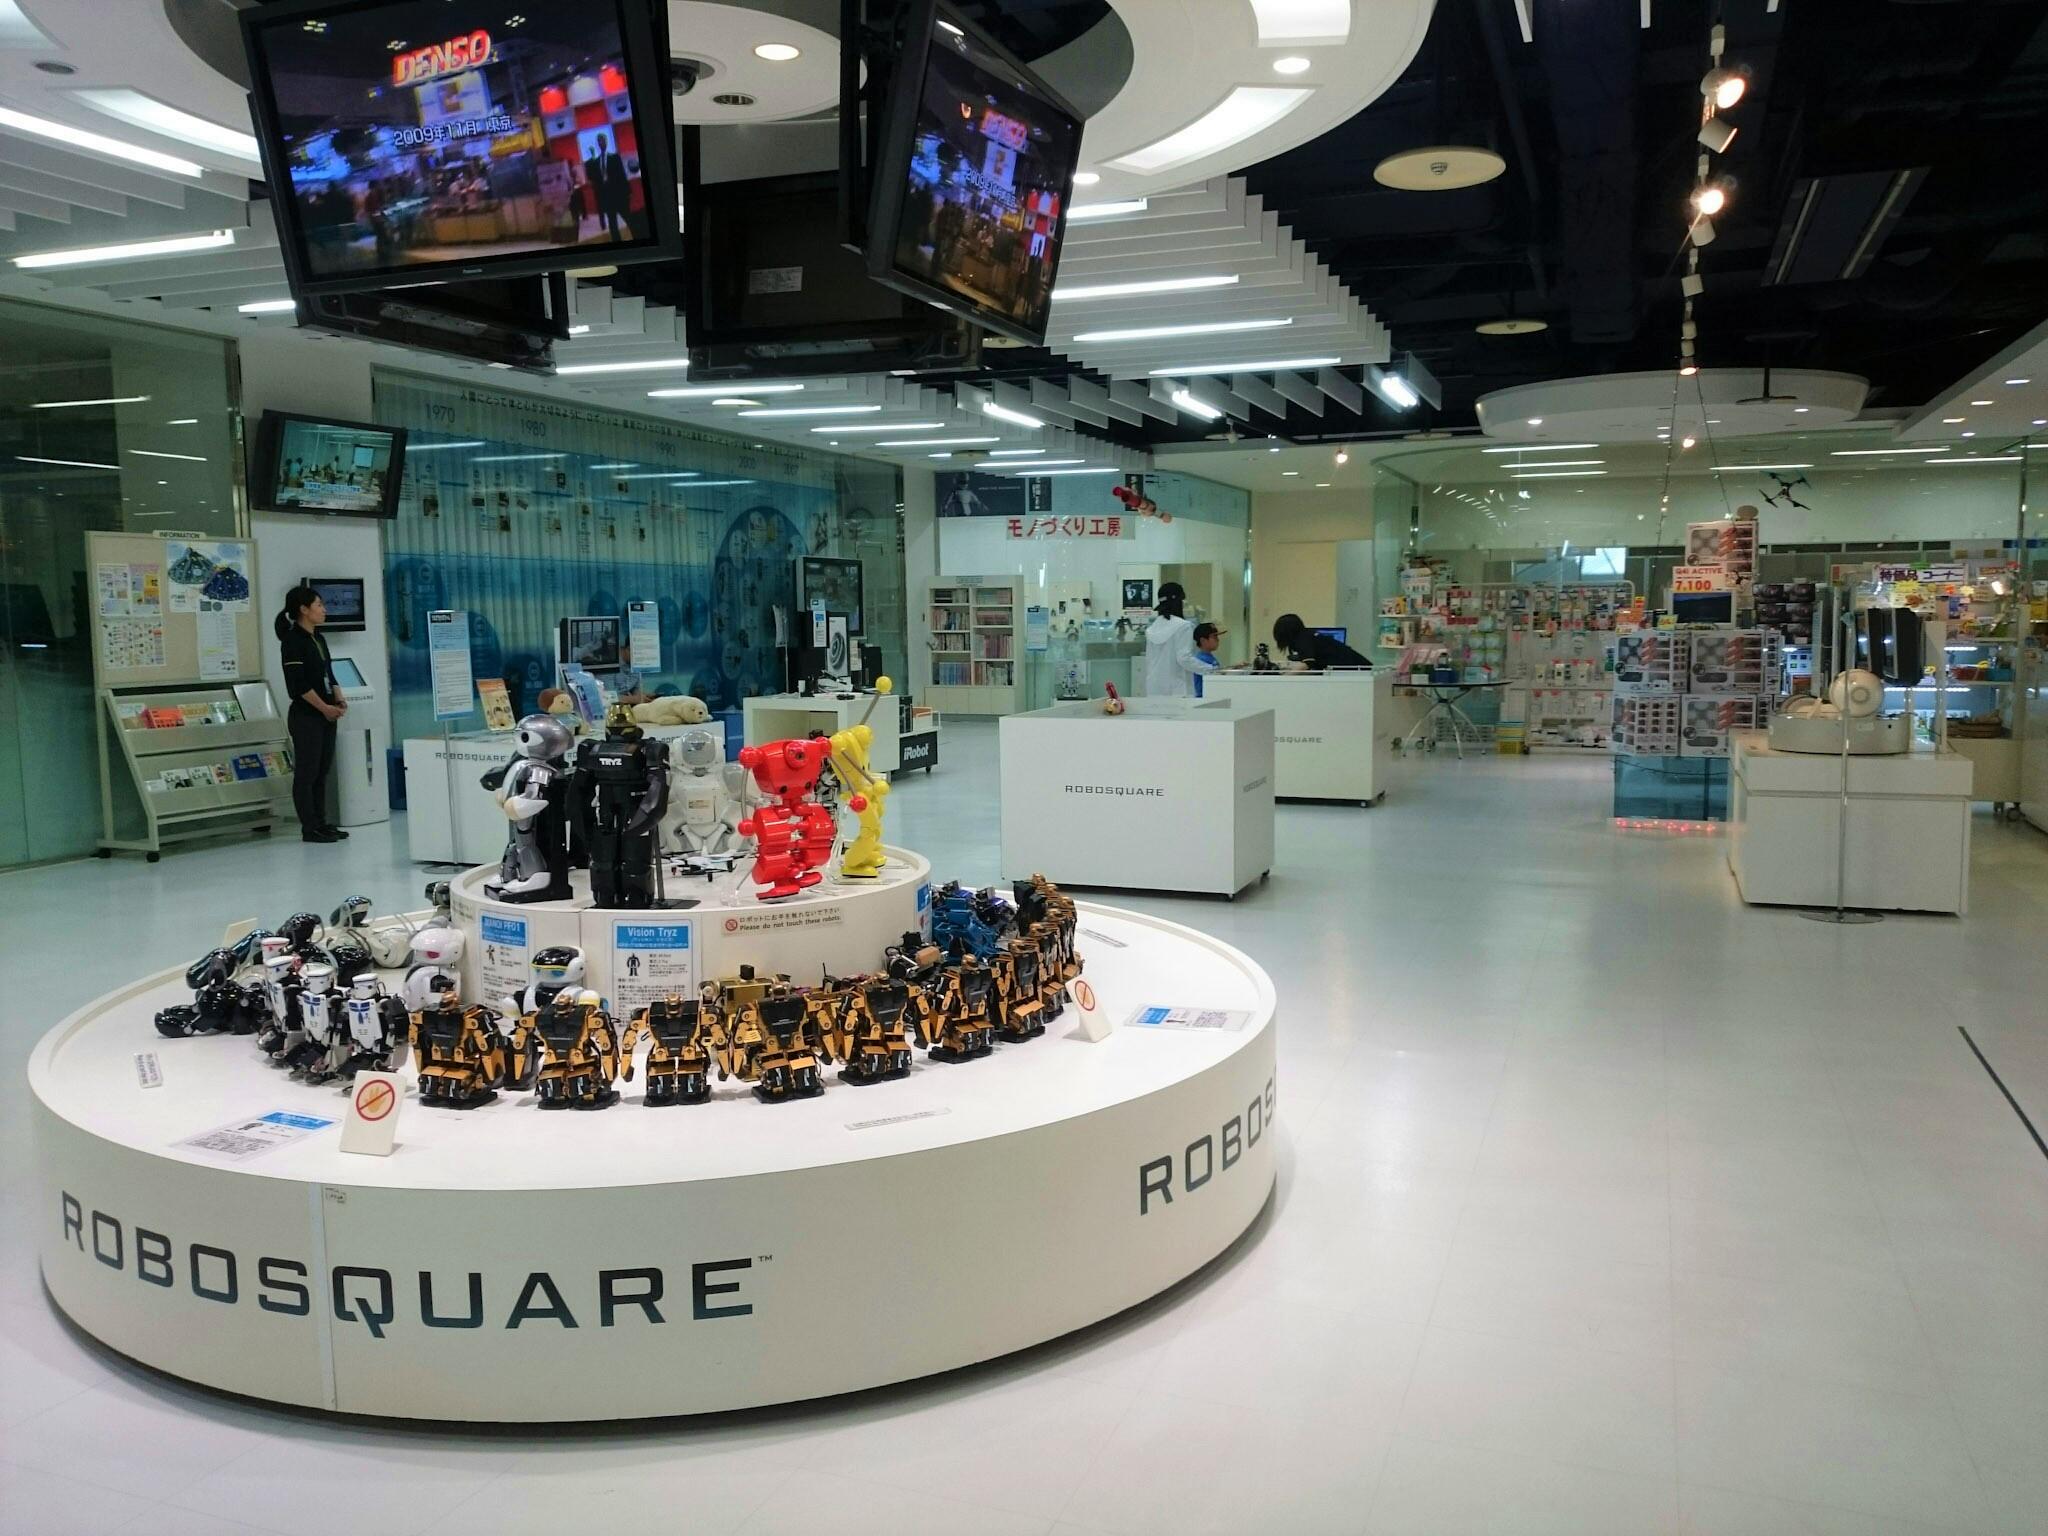 Robosquare, Fukuoka Japan